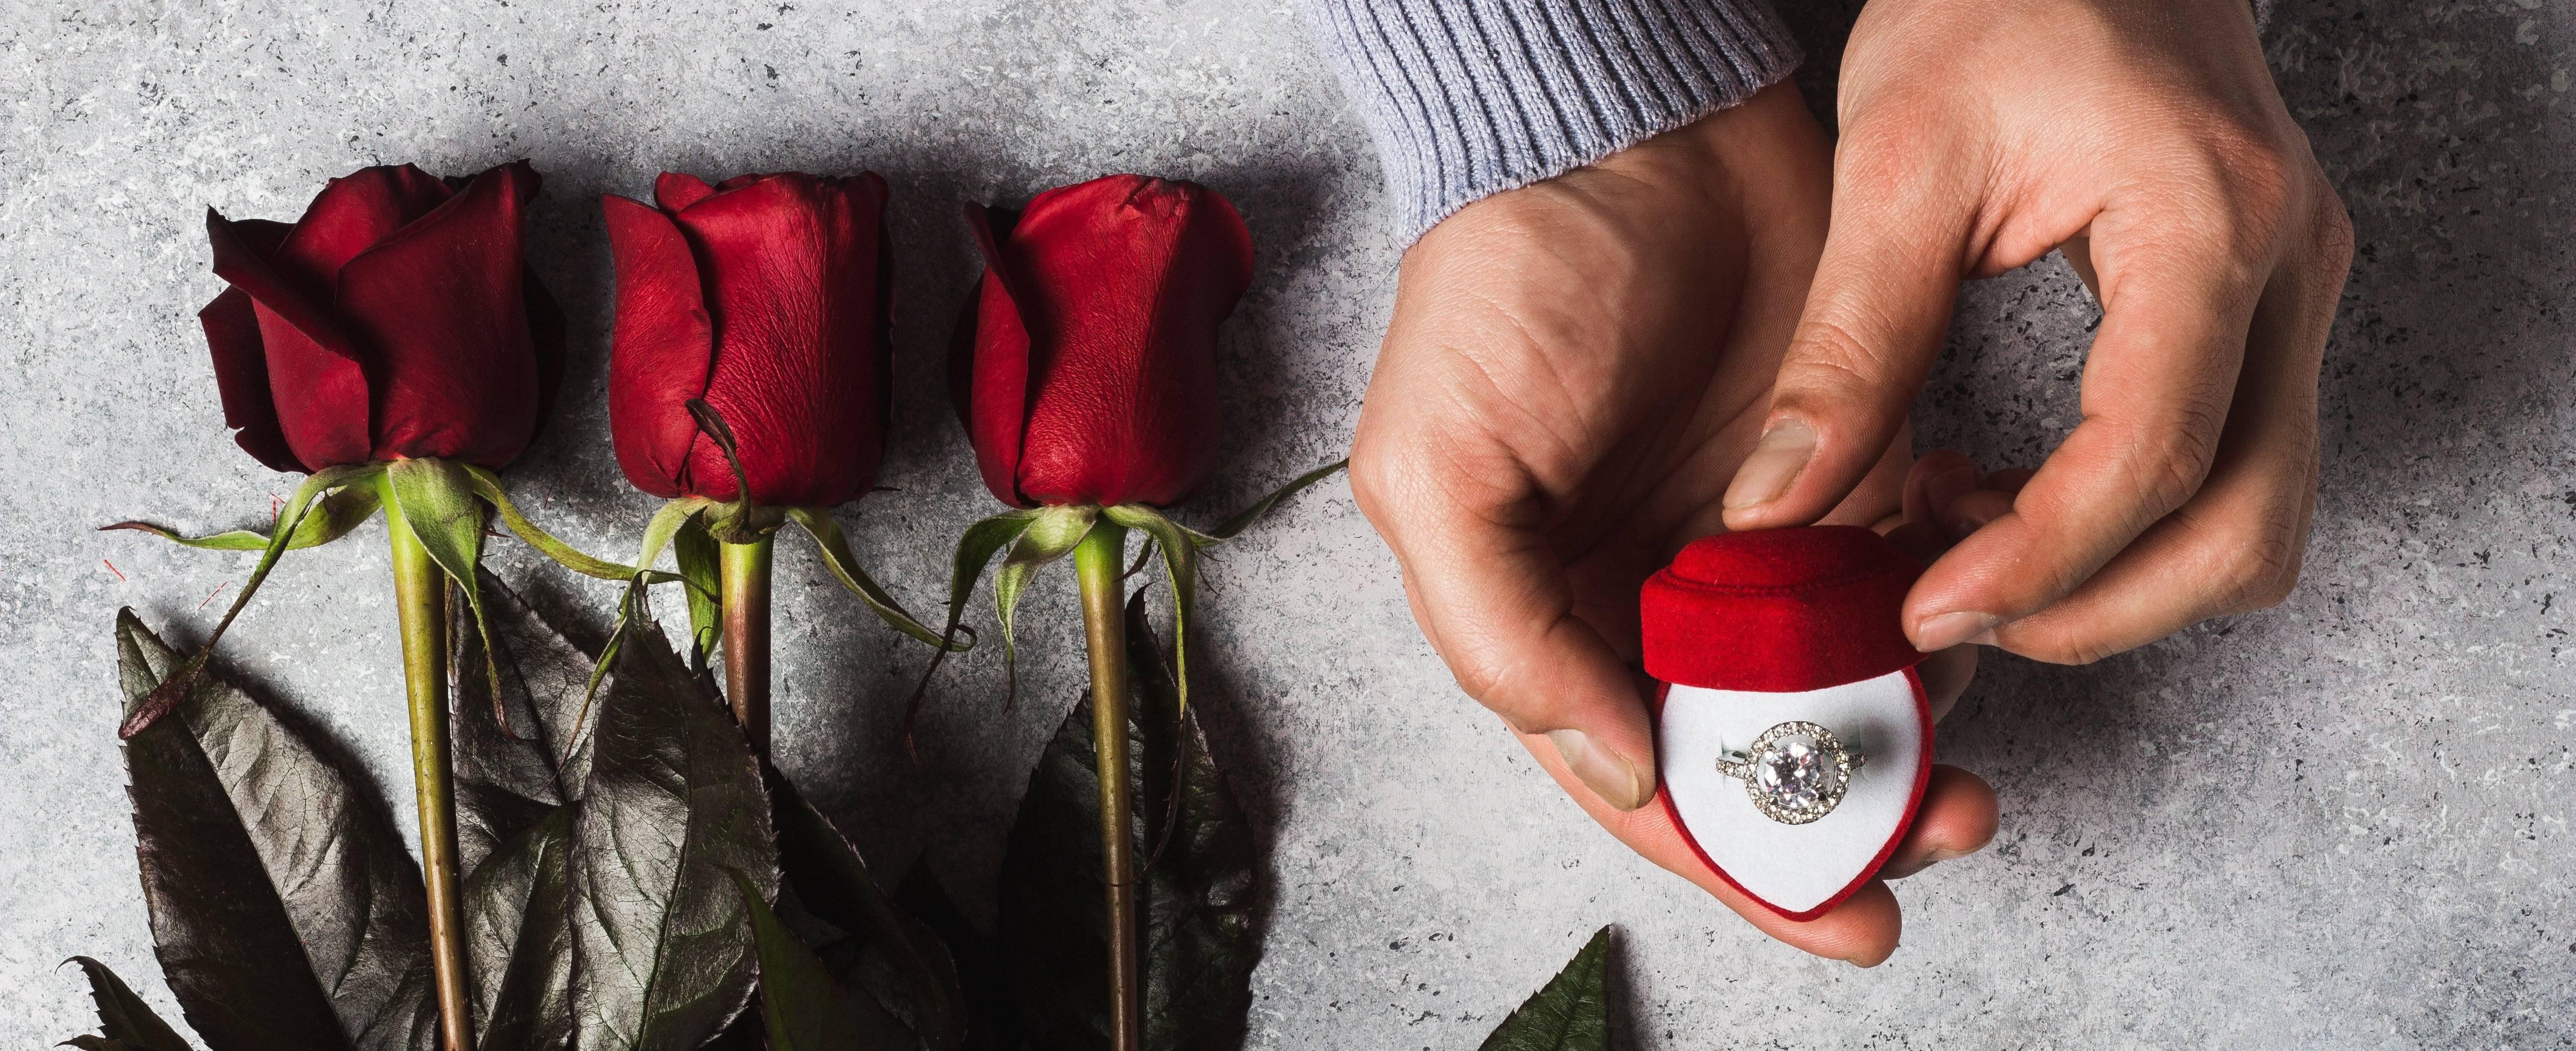 Как сделать предложение руки и сердца девушке: 10 самых креативных идей и 20 лучших способов красиво и необычно позвать девушку замуж на все случаи жизни со сценариями и видео-примерами